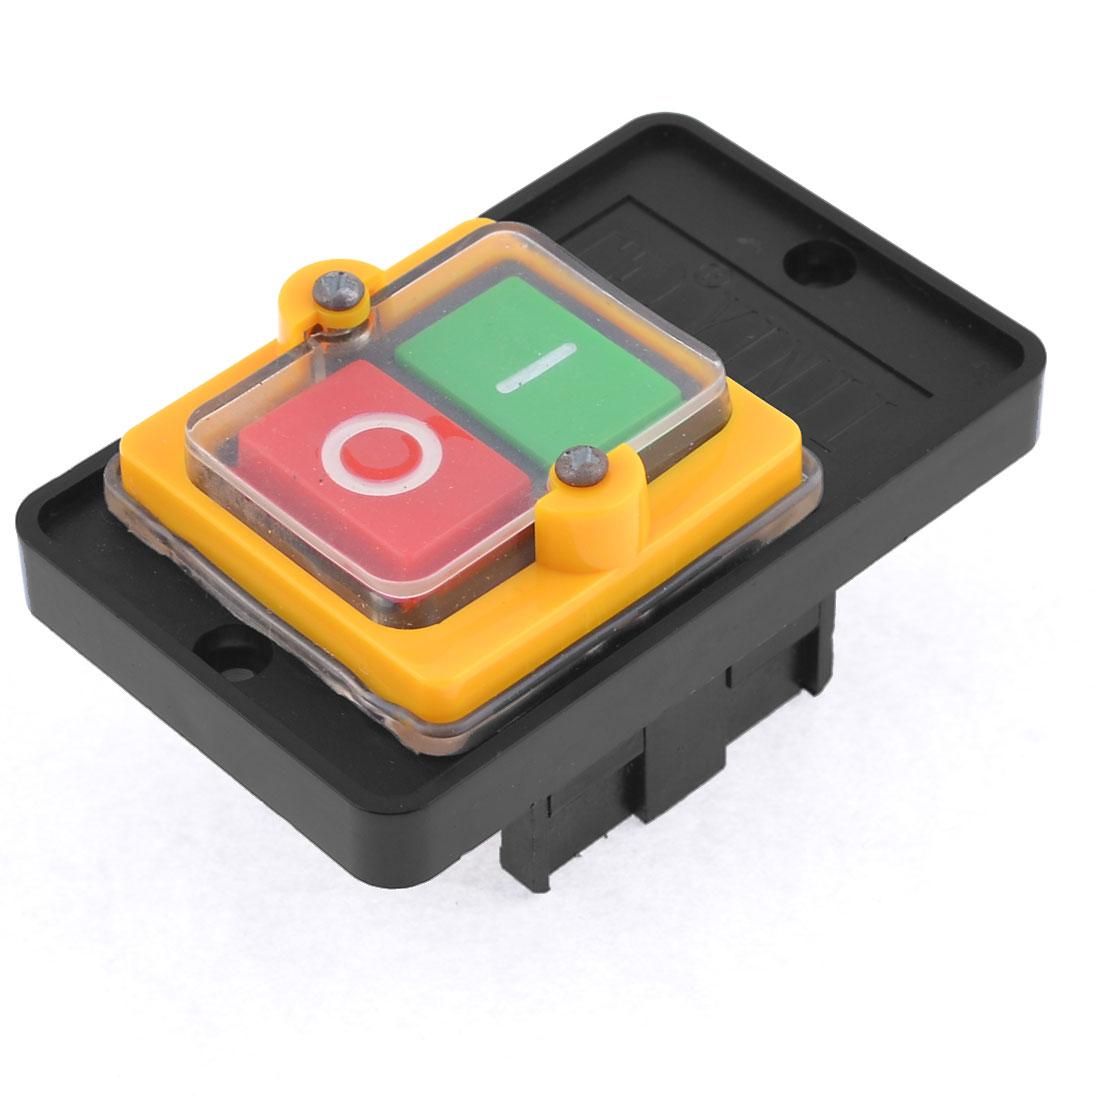 220/380VAC 10A 6 Screw Terminal Latching I/O Pushbutton Switch